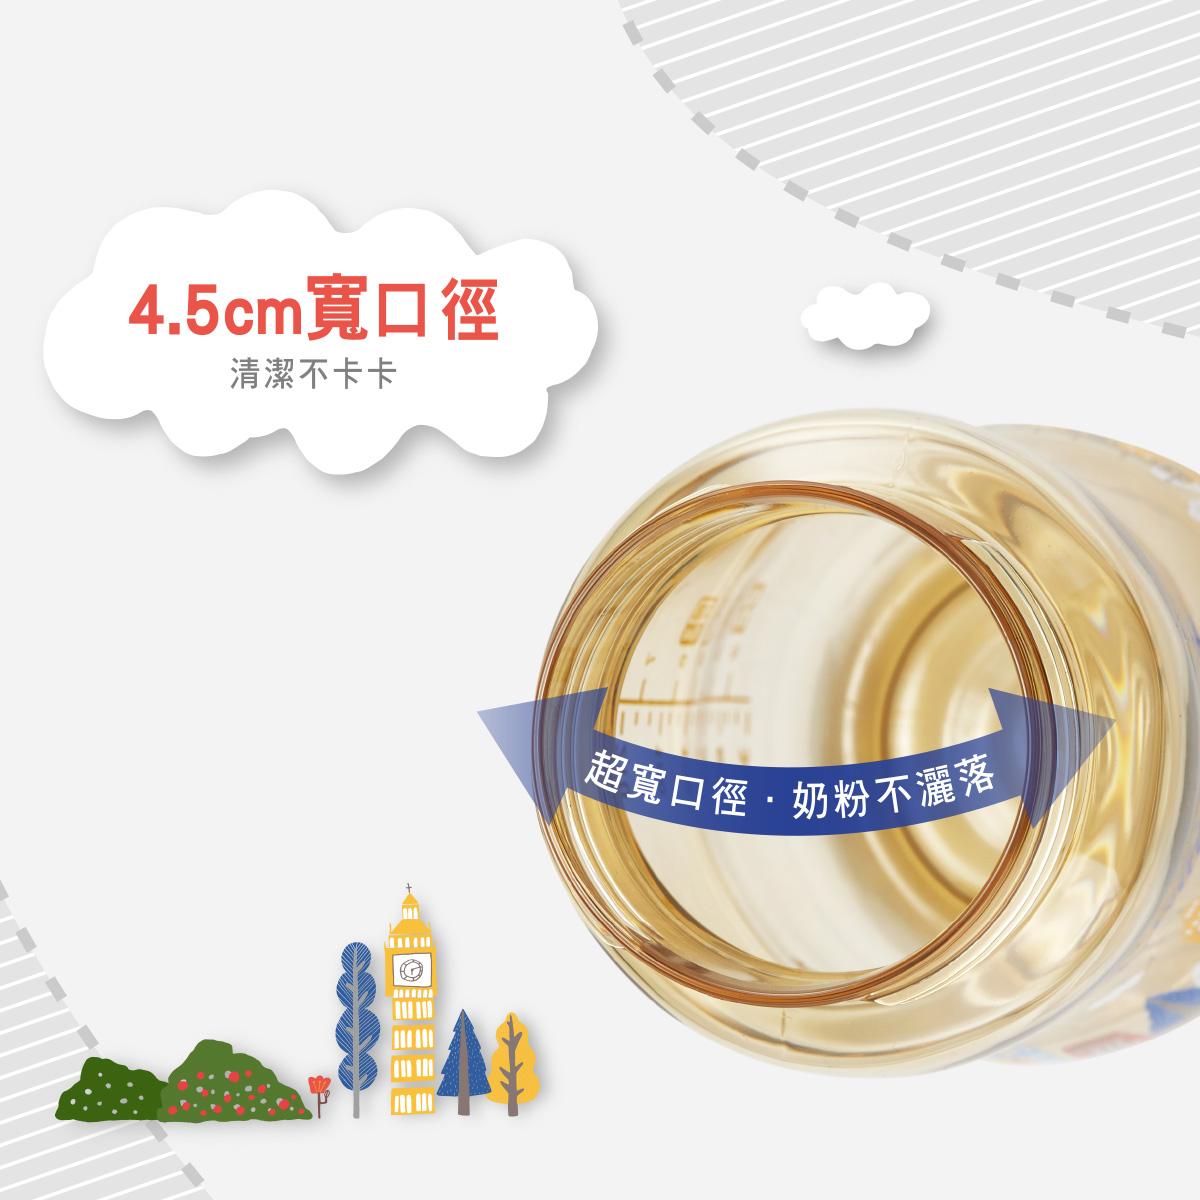 proimages/bottles/PPSU/5874/5874-樂遊倫敦PPSU奶瓶-EDM-6.jpg